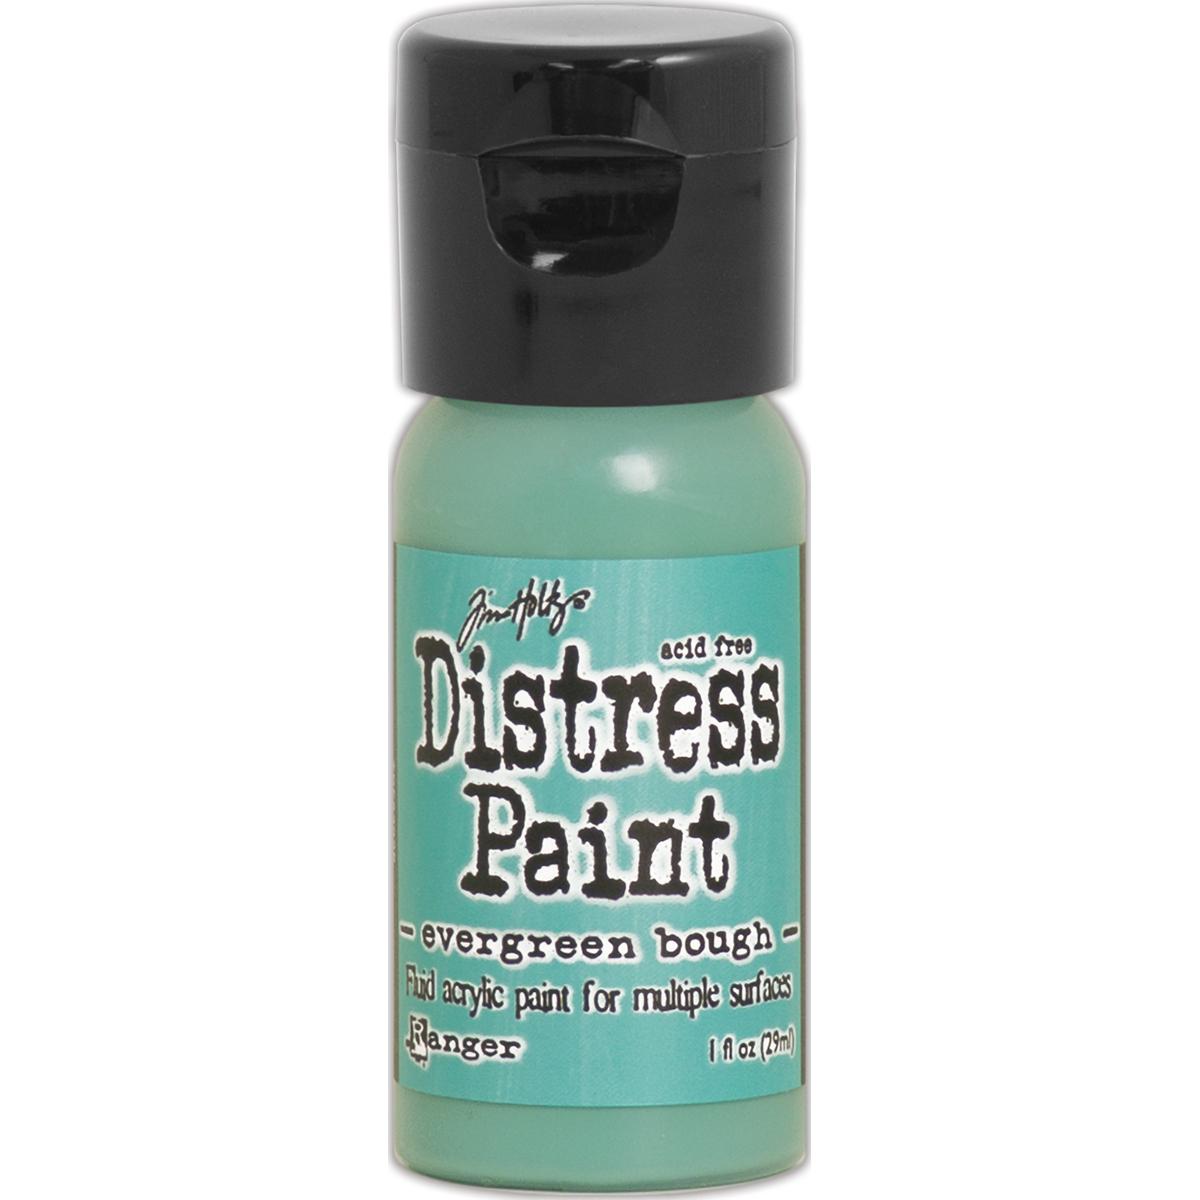 Evergreen bough distress paint